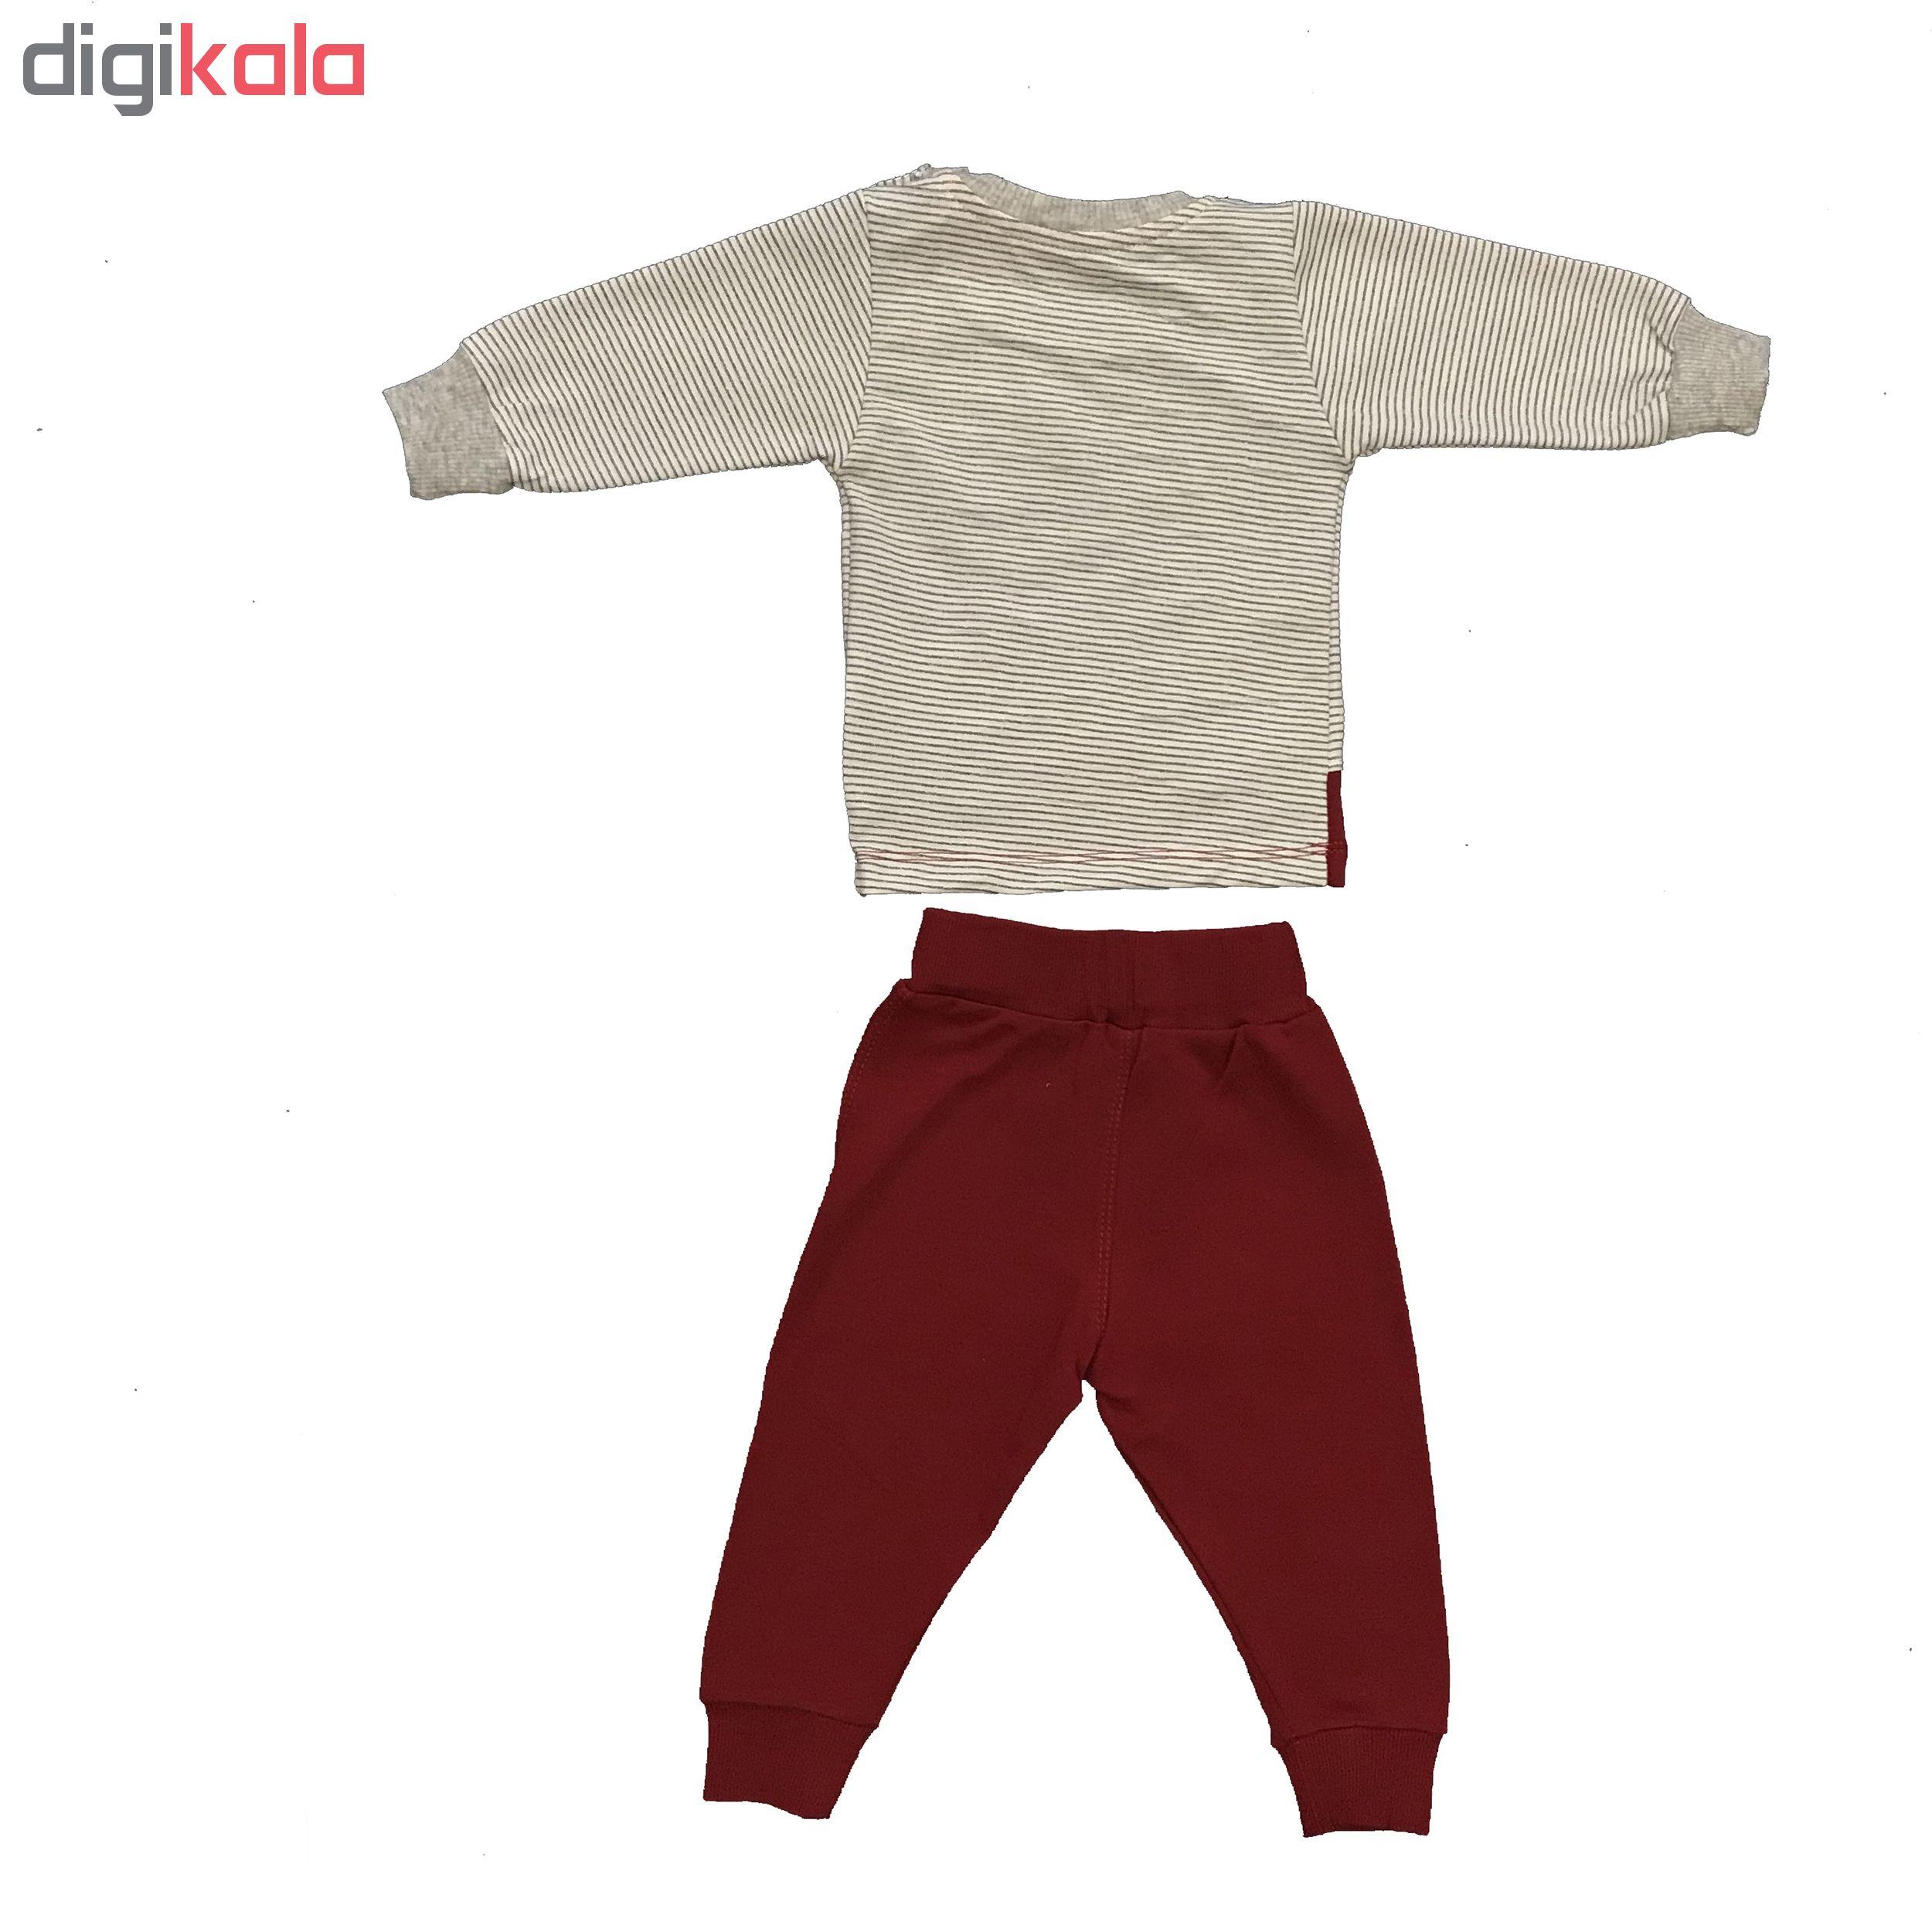 ست تی شرت و شلوار پسرانه طرح ماشین کد Cl-105